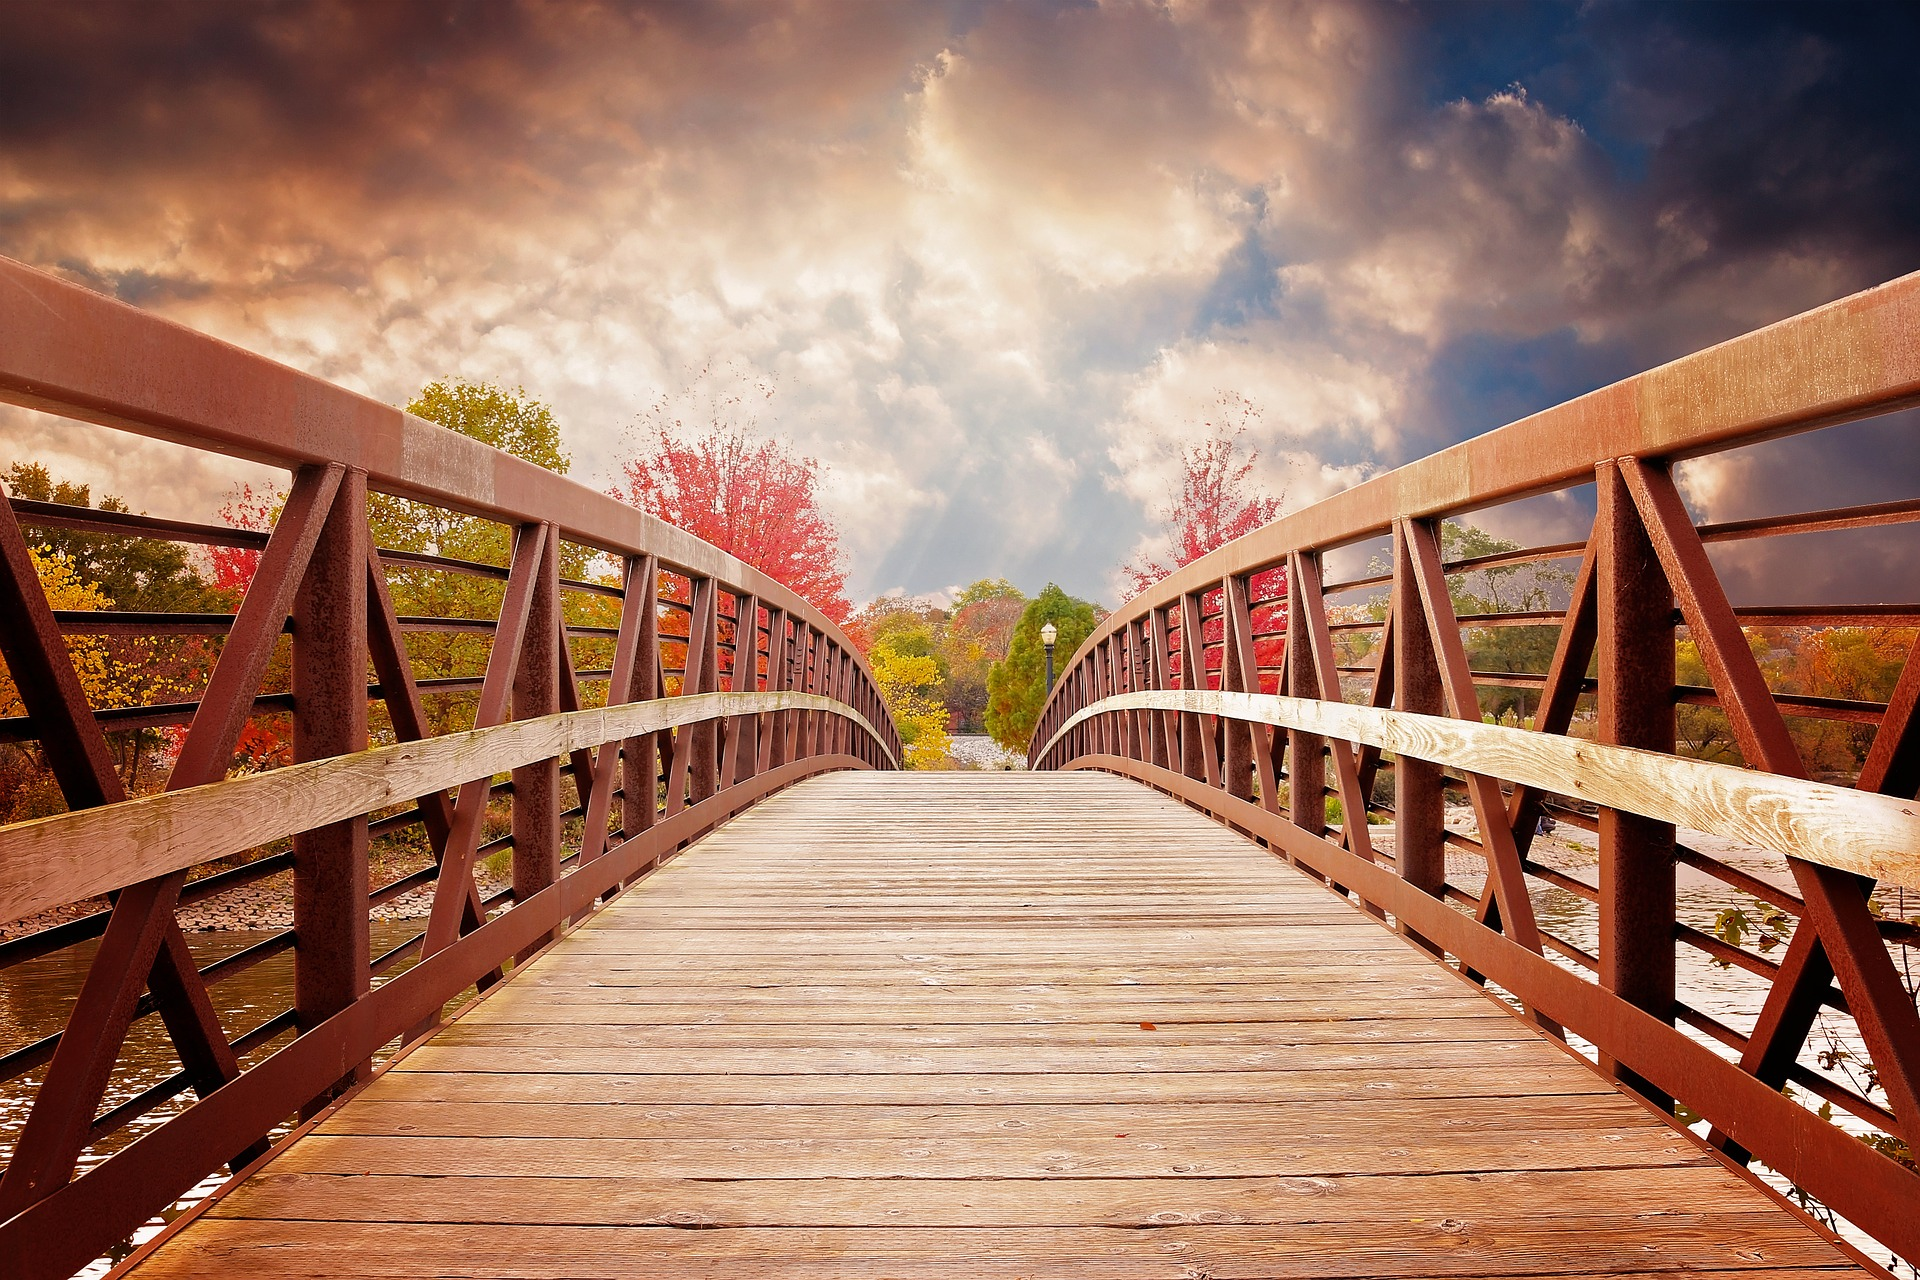 桥梁, 河, 秋天, 日落, 云彩, 这座木桥 - 高清壁纸 - 教授-falken.com